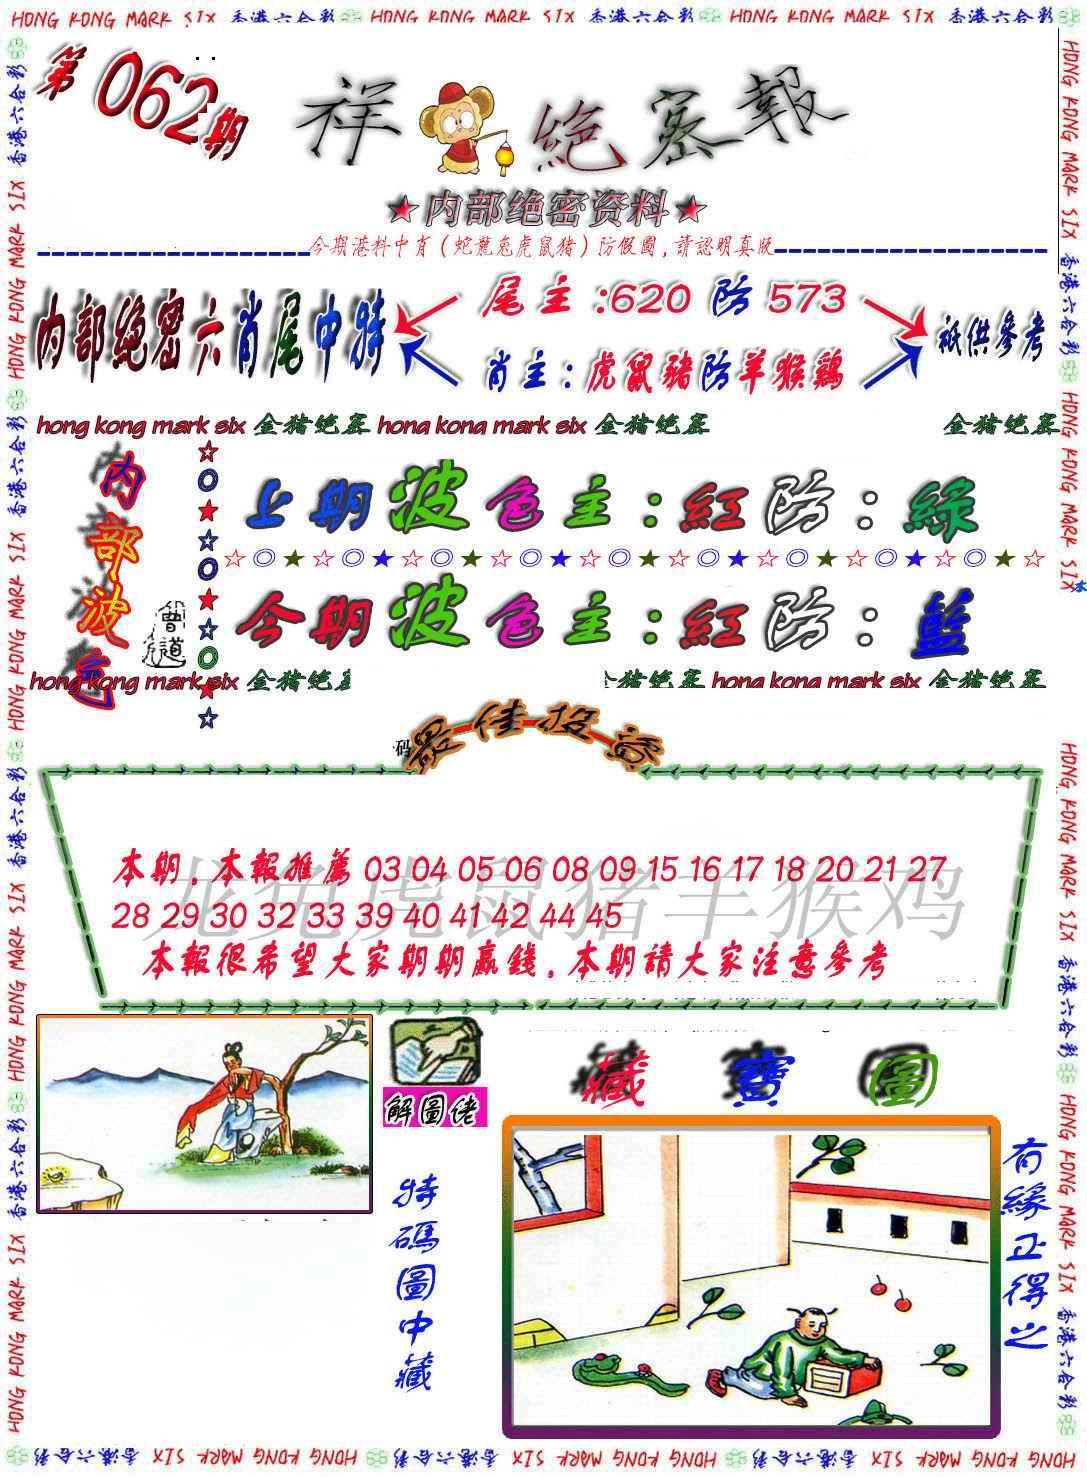 062期金鼠绝密图